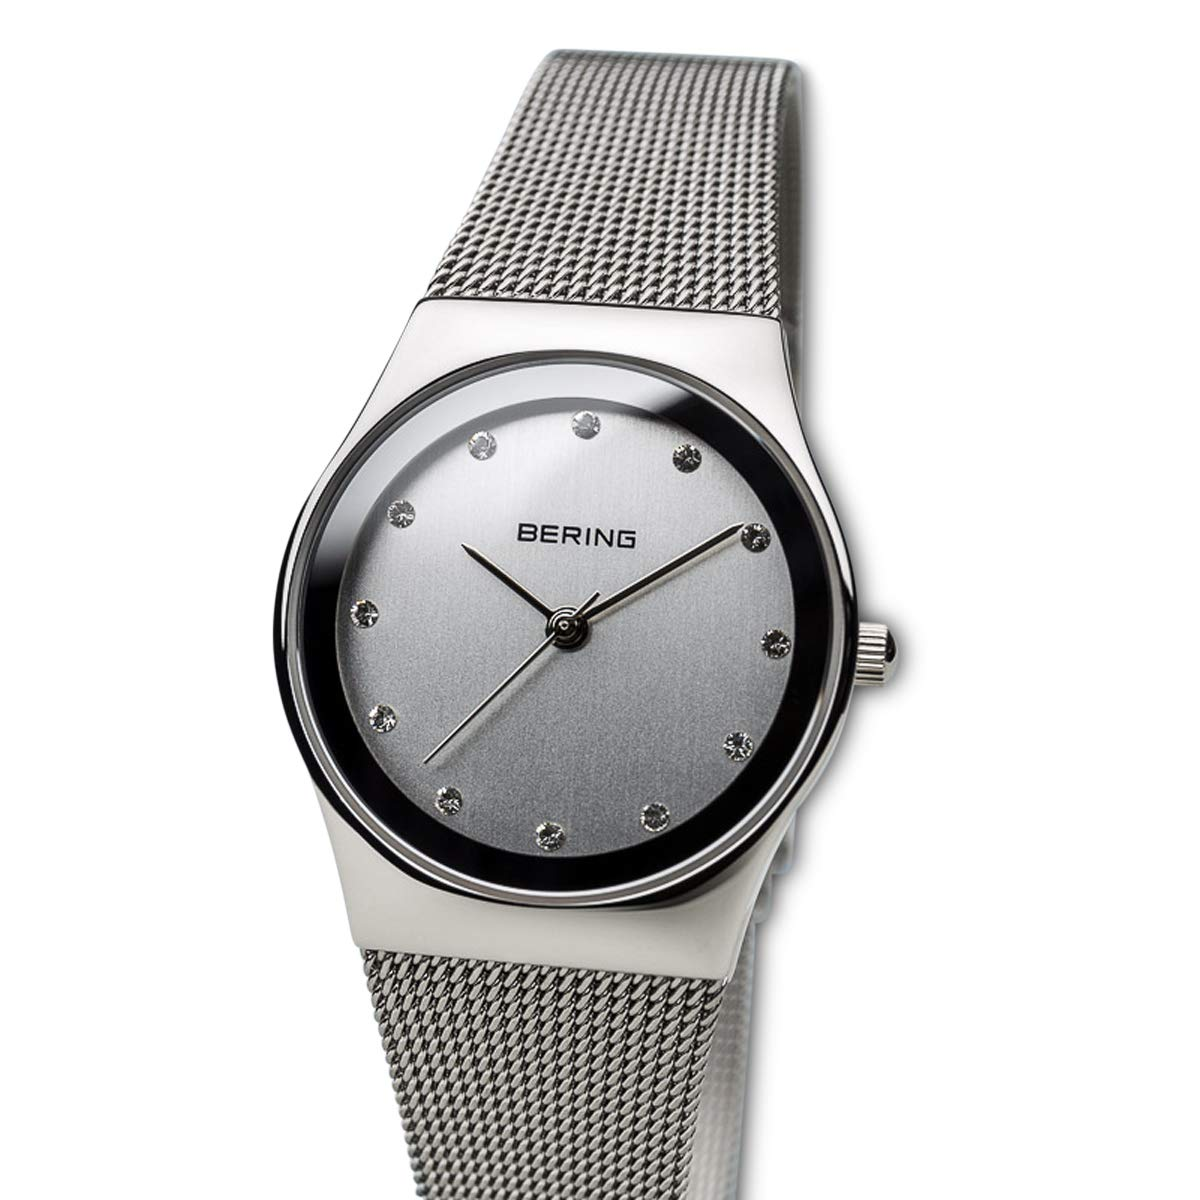 BERING Reloj Analógico para Mujer de Cuarzo con Correa en Acero Inoxidable 12927-000: Amazon.es: Relojes